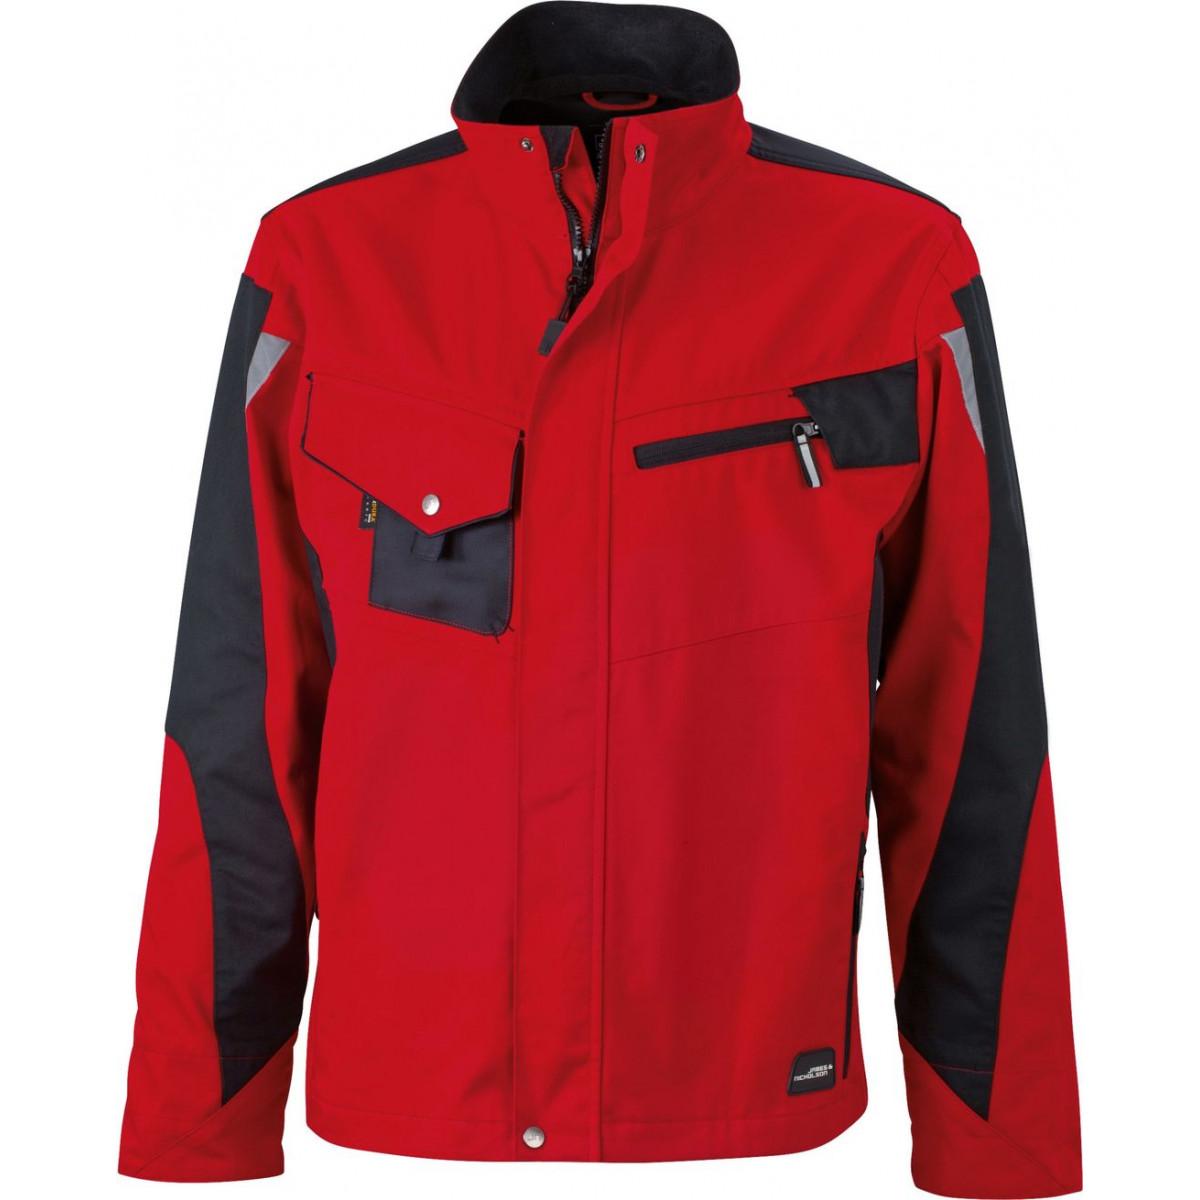 Куртка мужская JN821 Workwear Jacket - Красный/Черный